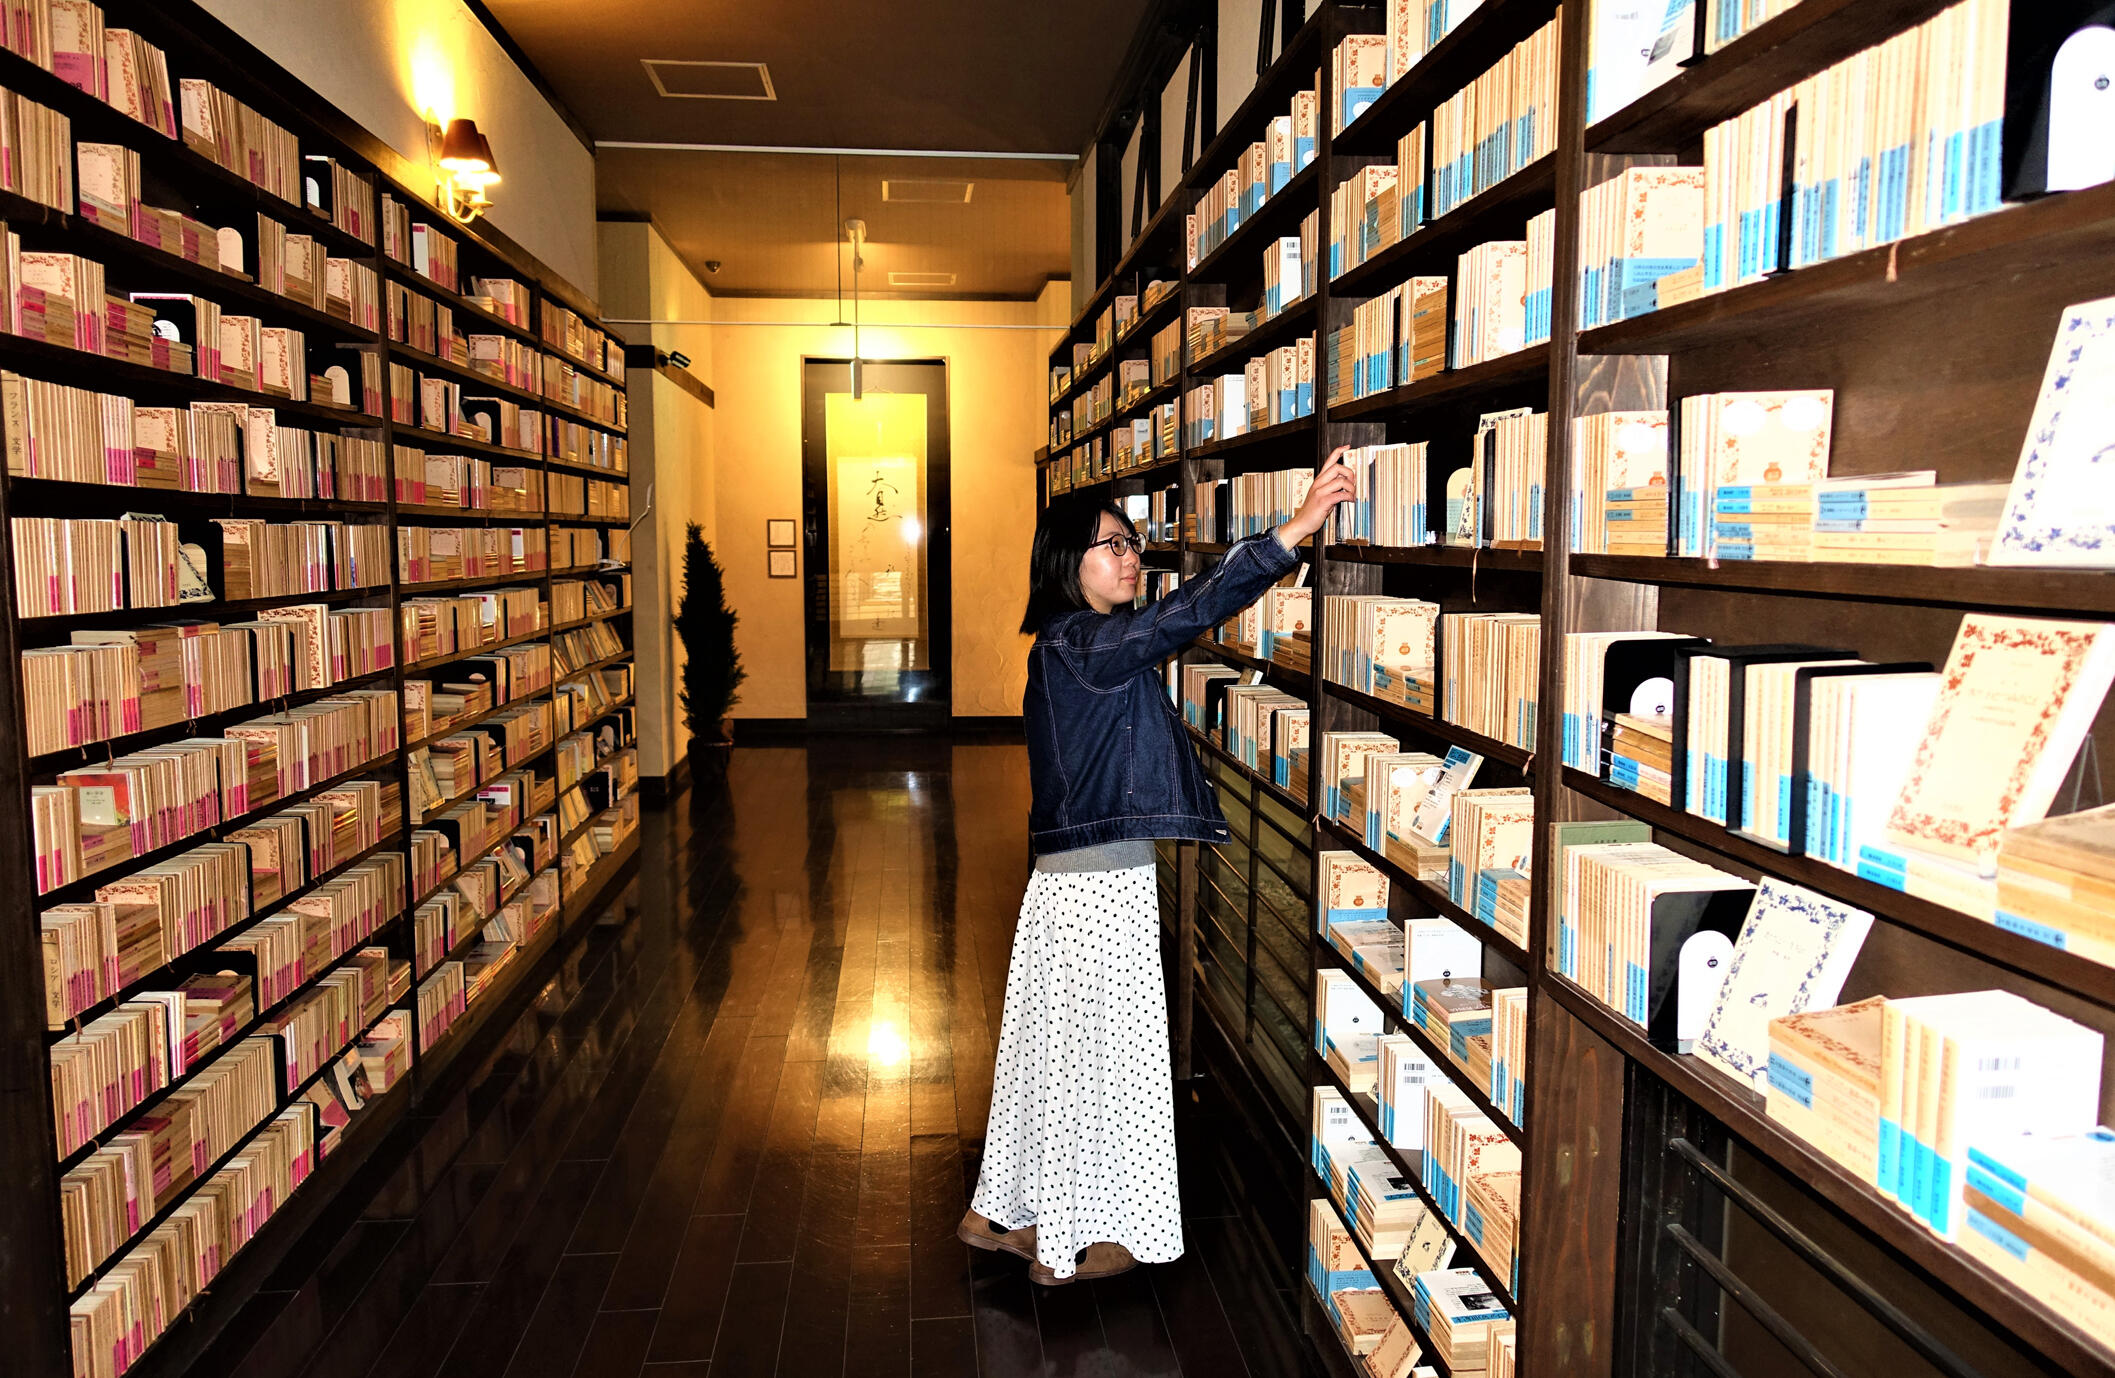 赤帯、青帯の文庫が向かい合わせに並ぶ「岩波の回廊」は、諏訪出身の岩波文庫創設者、岩波茂雄へのオマージュ